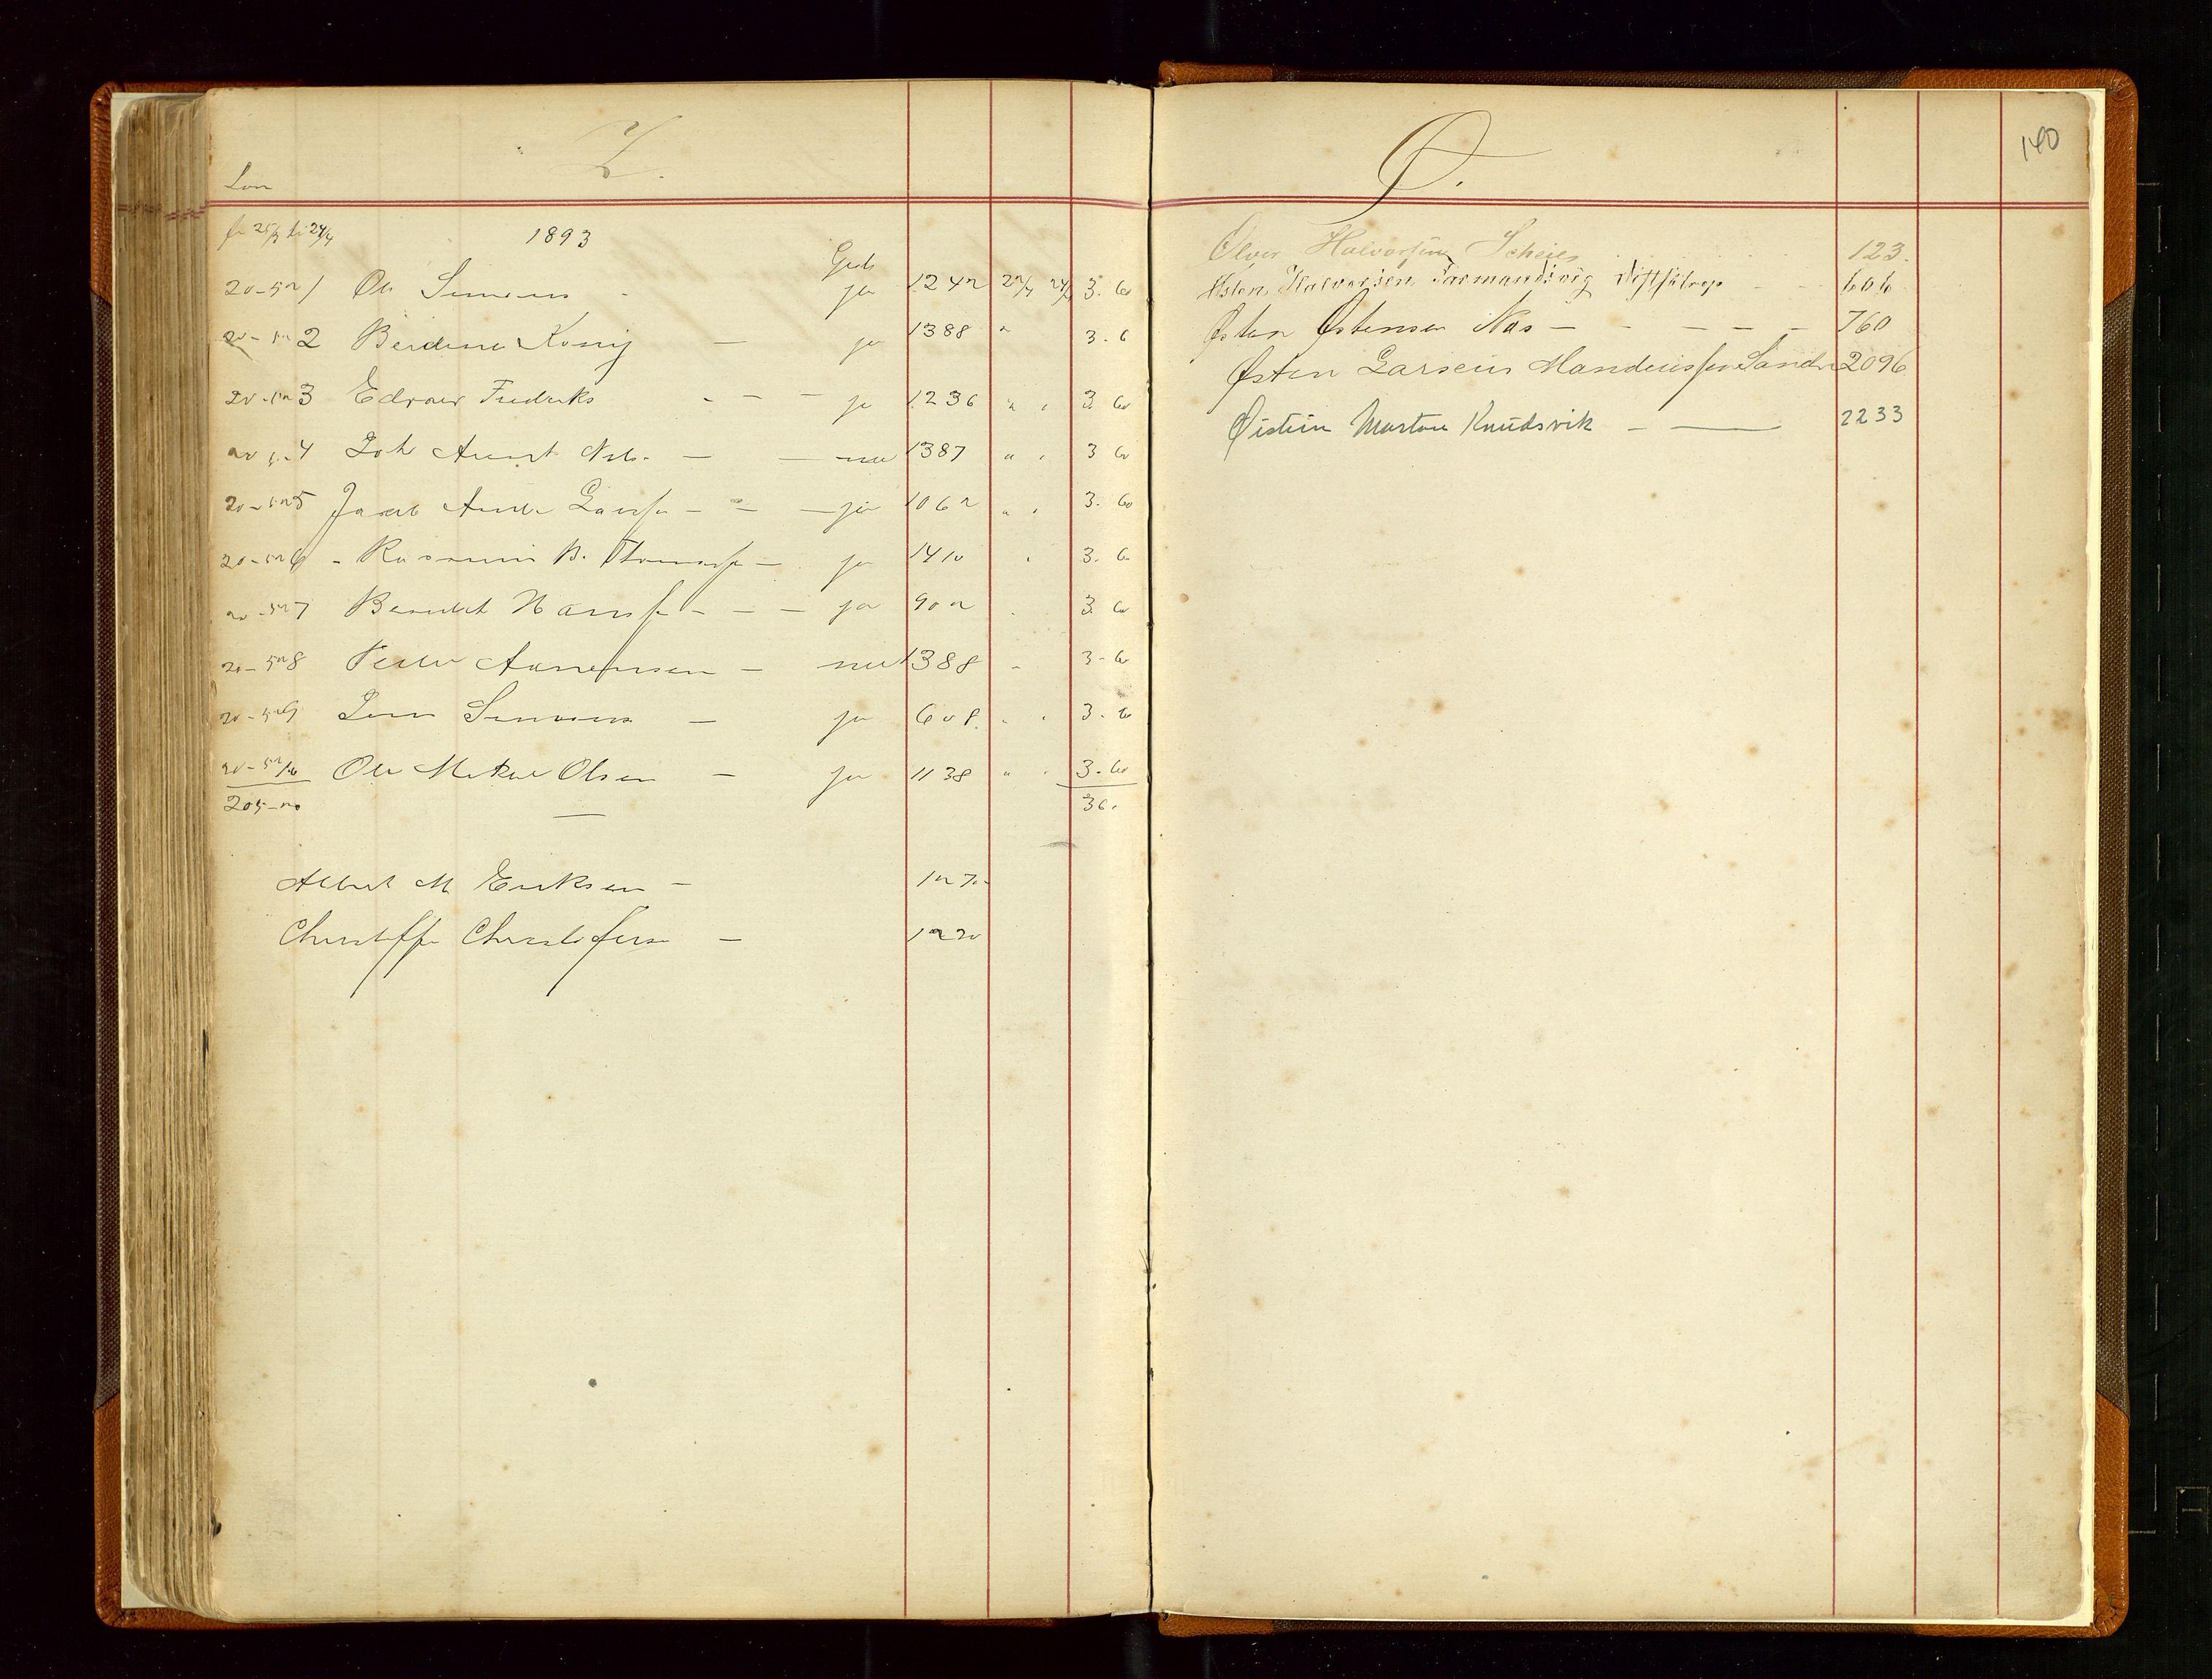 SAST, Haugesund sjømannskontor, F/Fb/Fba/L0003: Navneregister med henvisning til rullenummer (fornavn) Haugesund krets, 1860-1948, p. 140